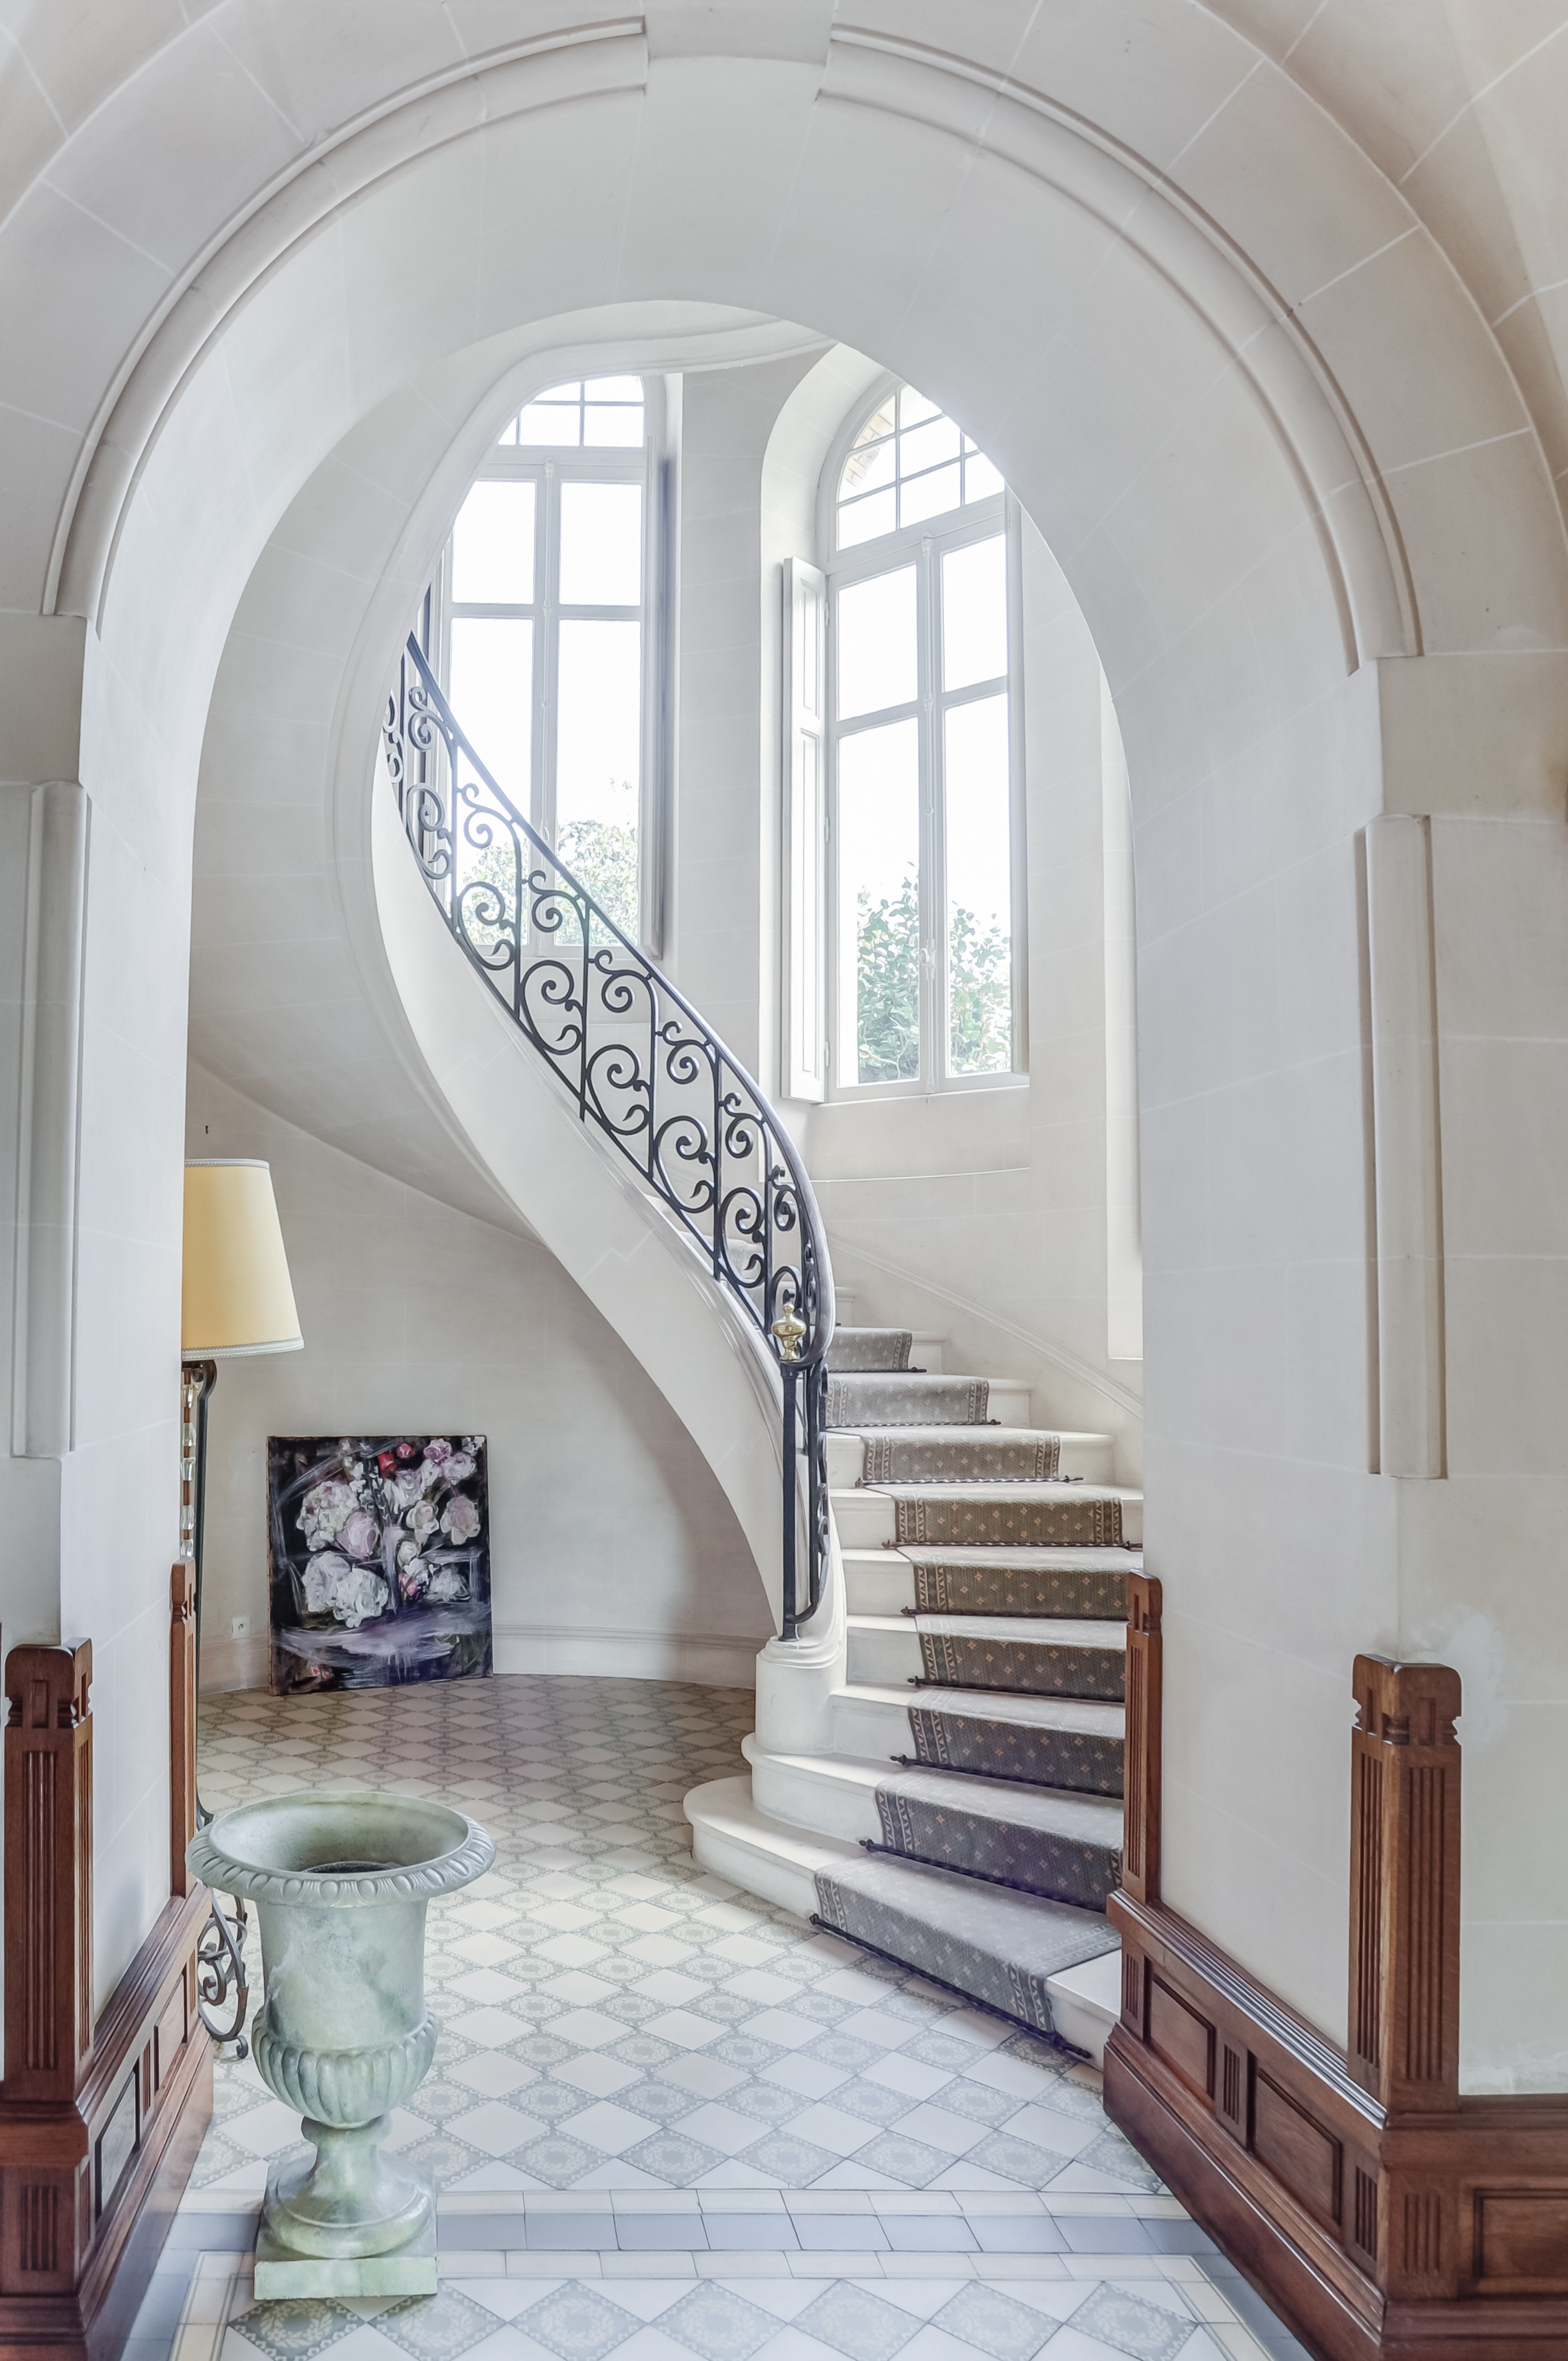 chateau-du-clair-de-lune-63-escalier-∏ChateauxetHotelsCollection